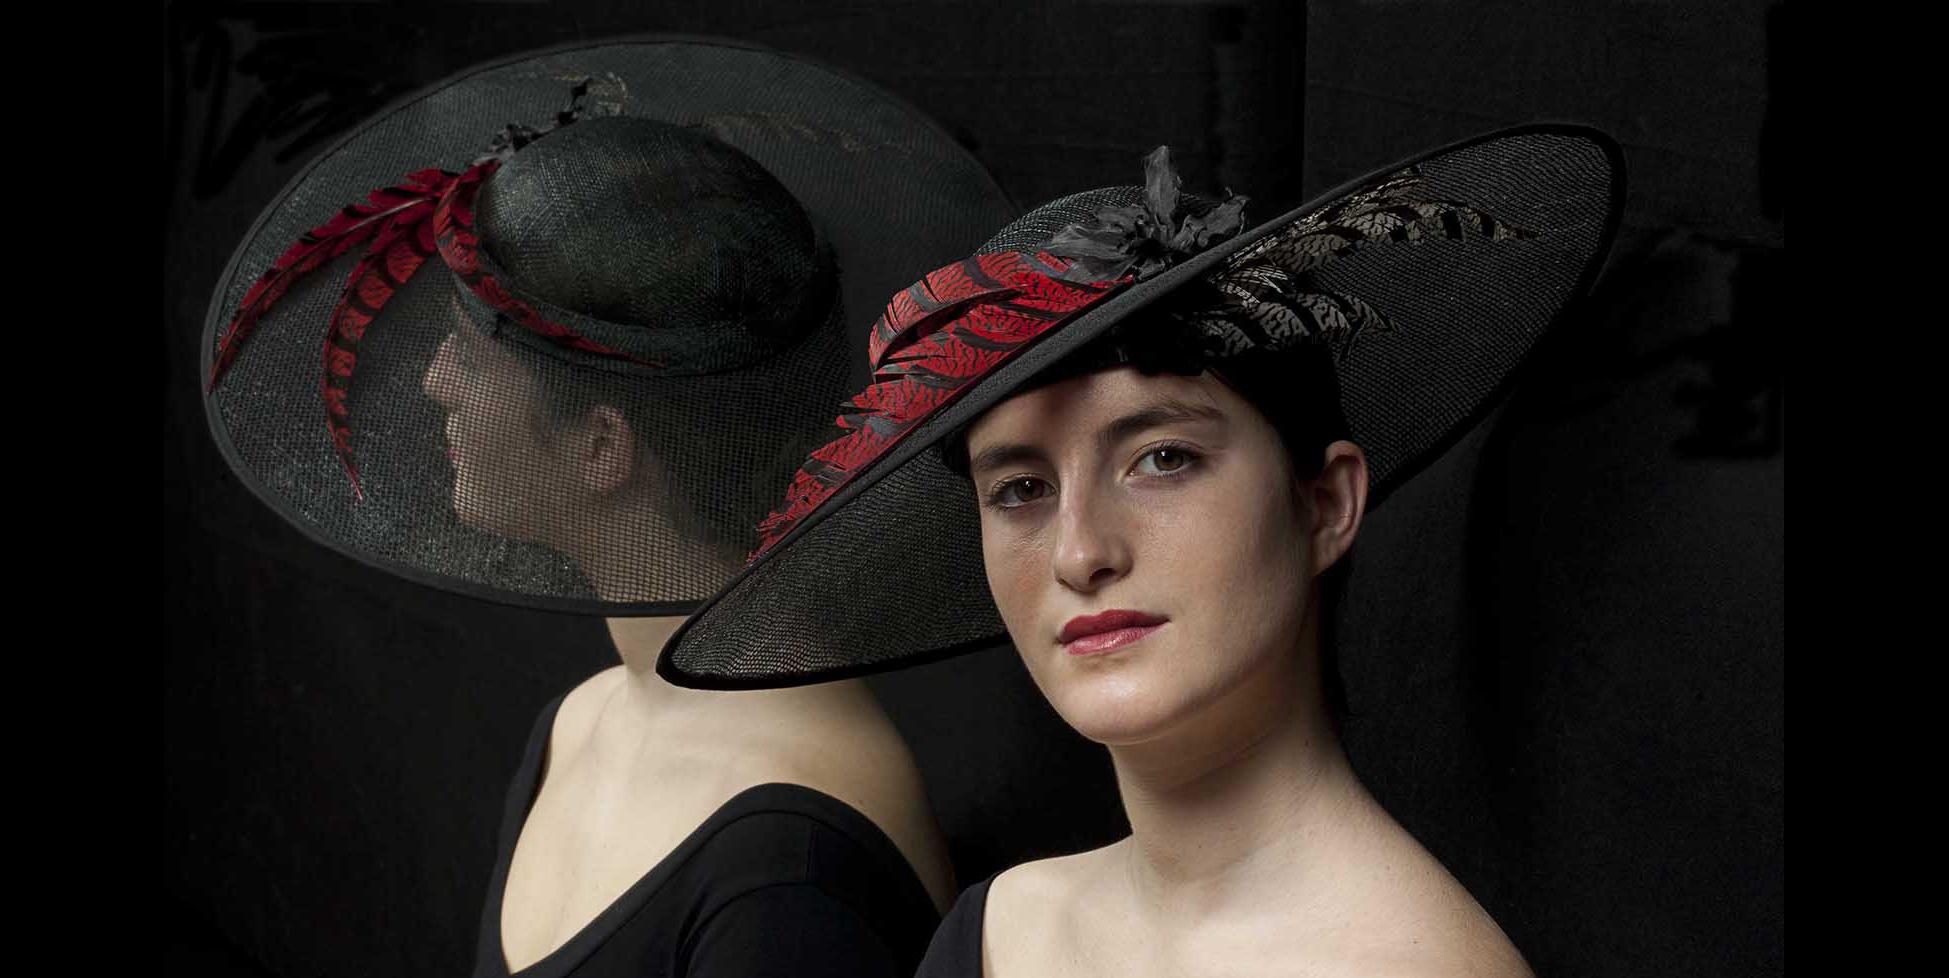 Photographie du chapeau Valencia créé par Marika Chapka